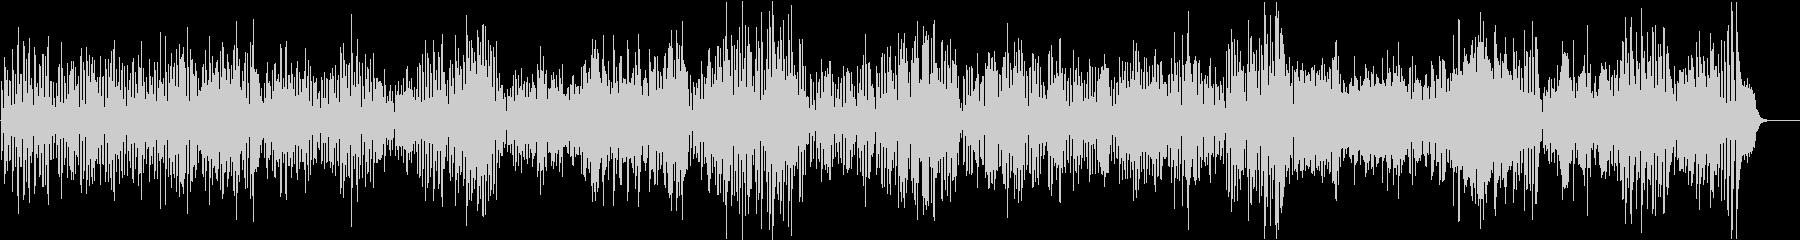 ヴィヴァルディ 協奏曲 イ短調 第1楽章の未再生の波形